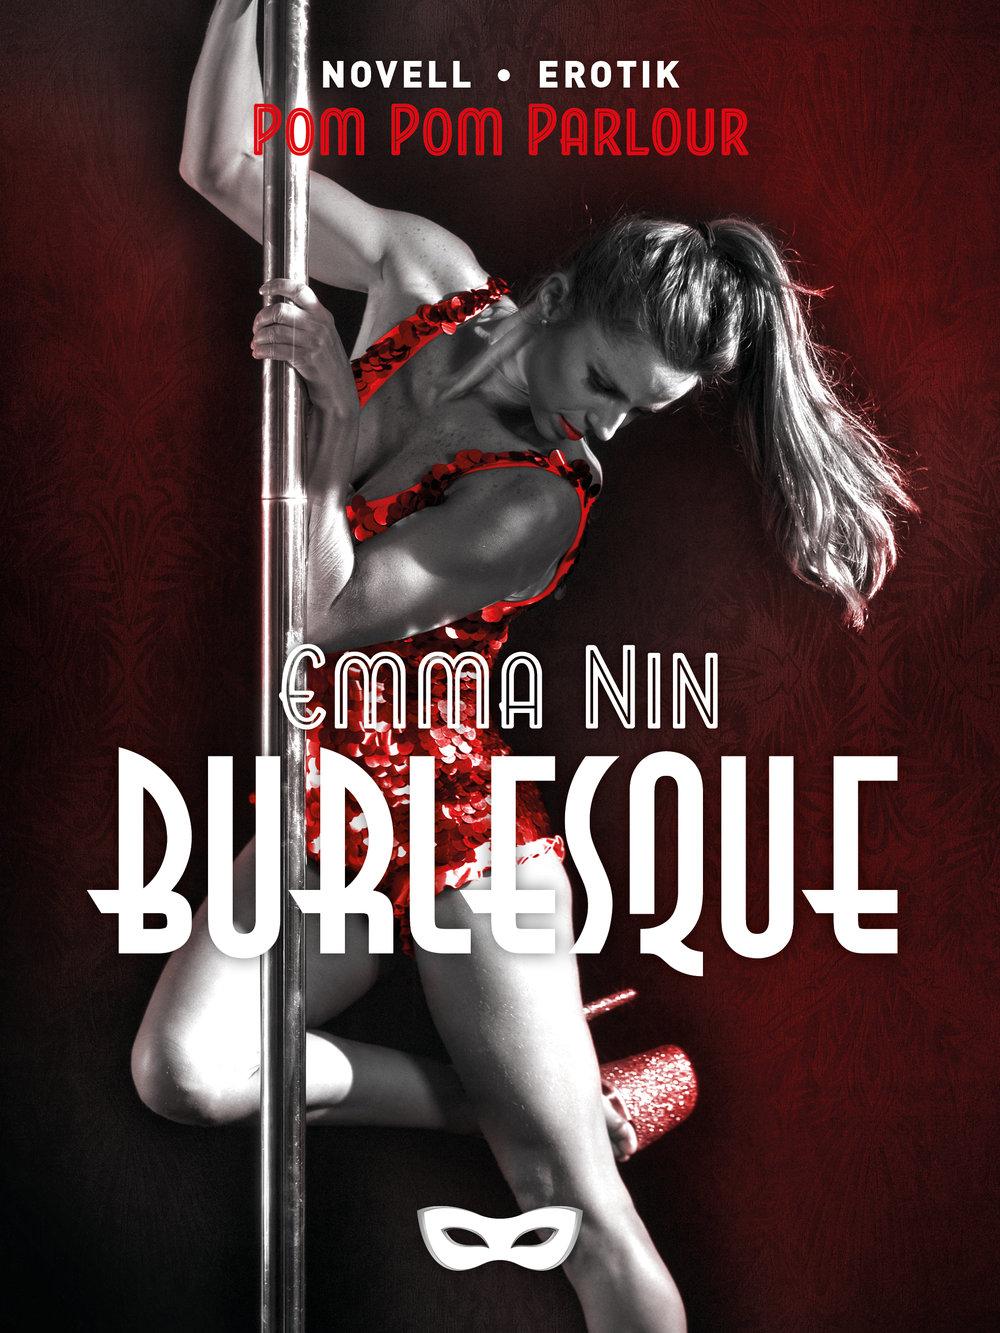 BUR-n_Burlesque_Emma Nin.jpg